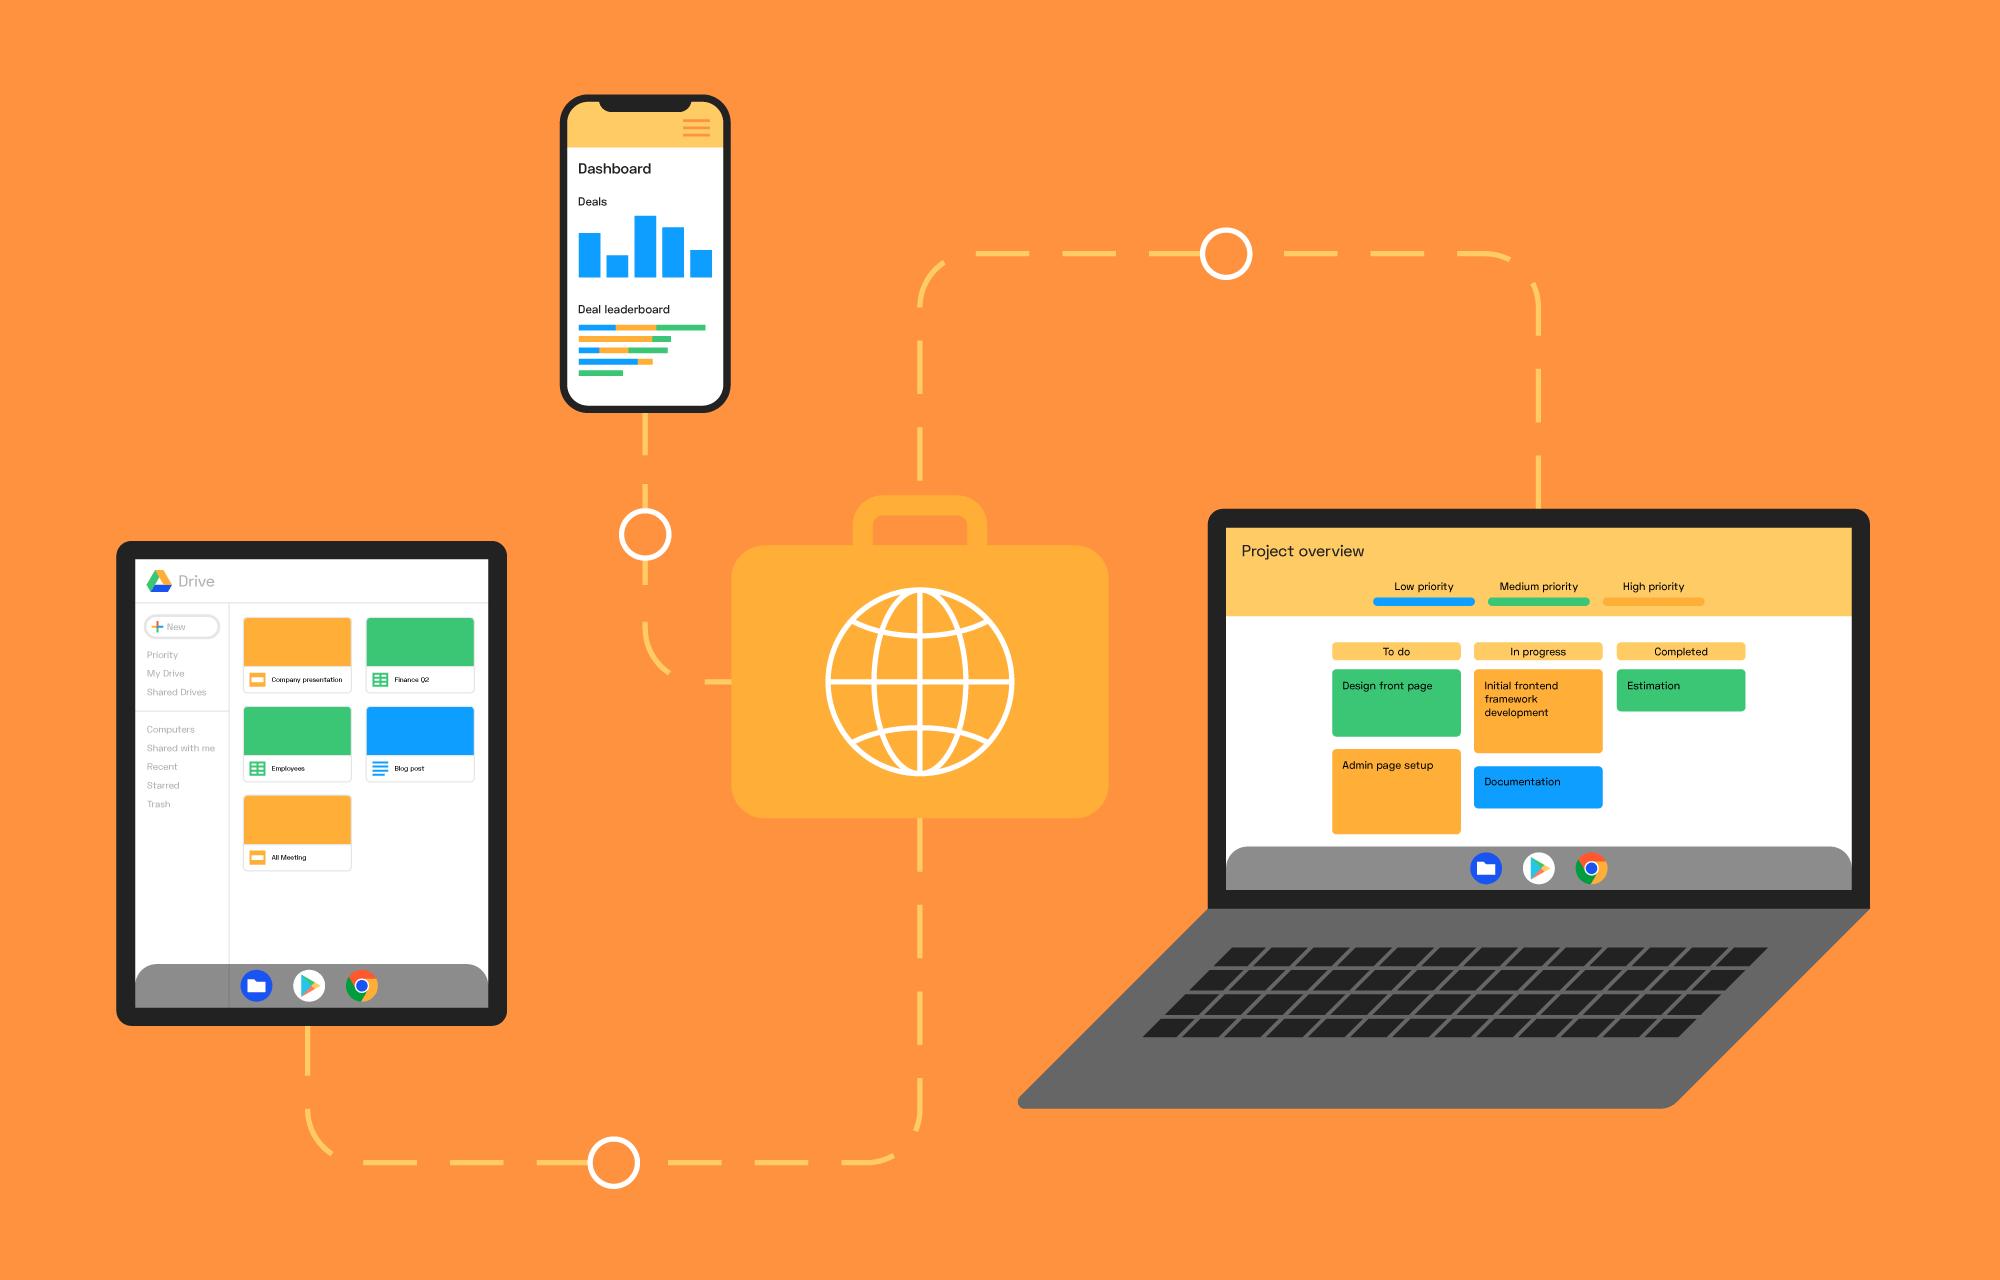 En laptop, et nettbrett og en mobil koblet til en stresskoffert med internett-ikon.